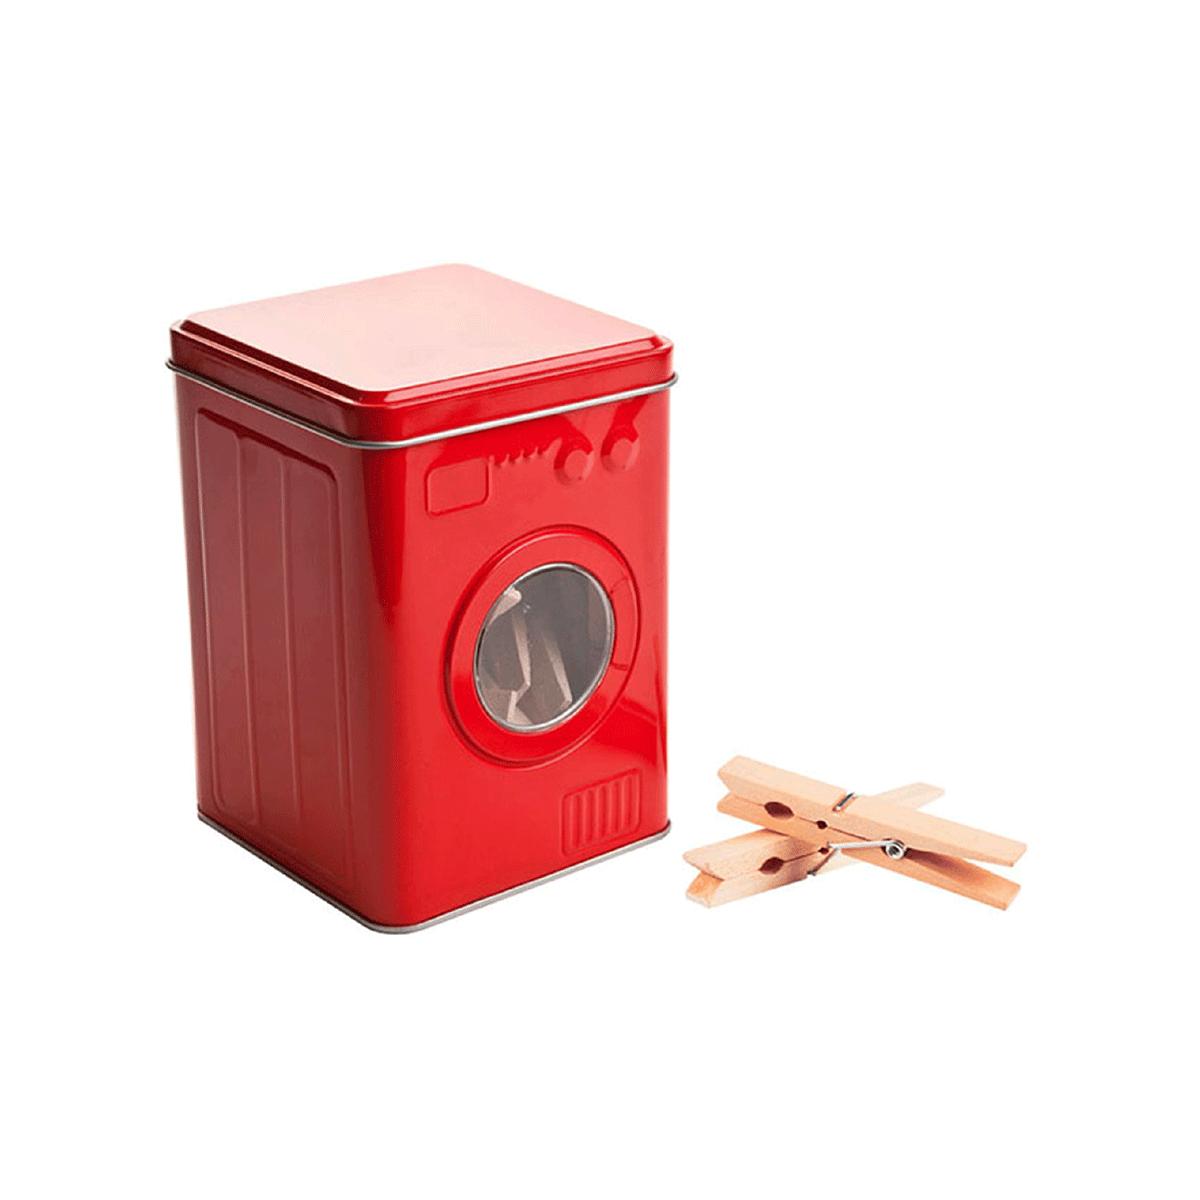 bo te de rangement pour pinces linge en m tal rouge et. Black Bedroom Furniture Sets. Home Design Ideas